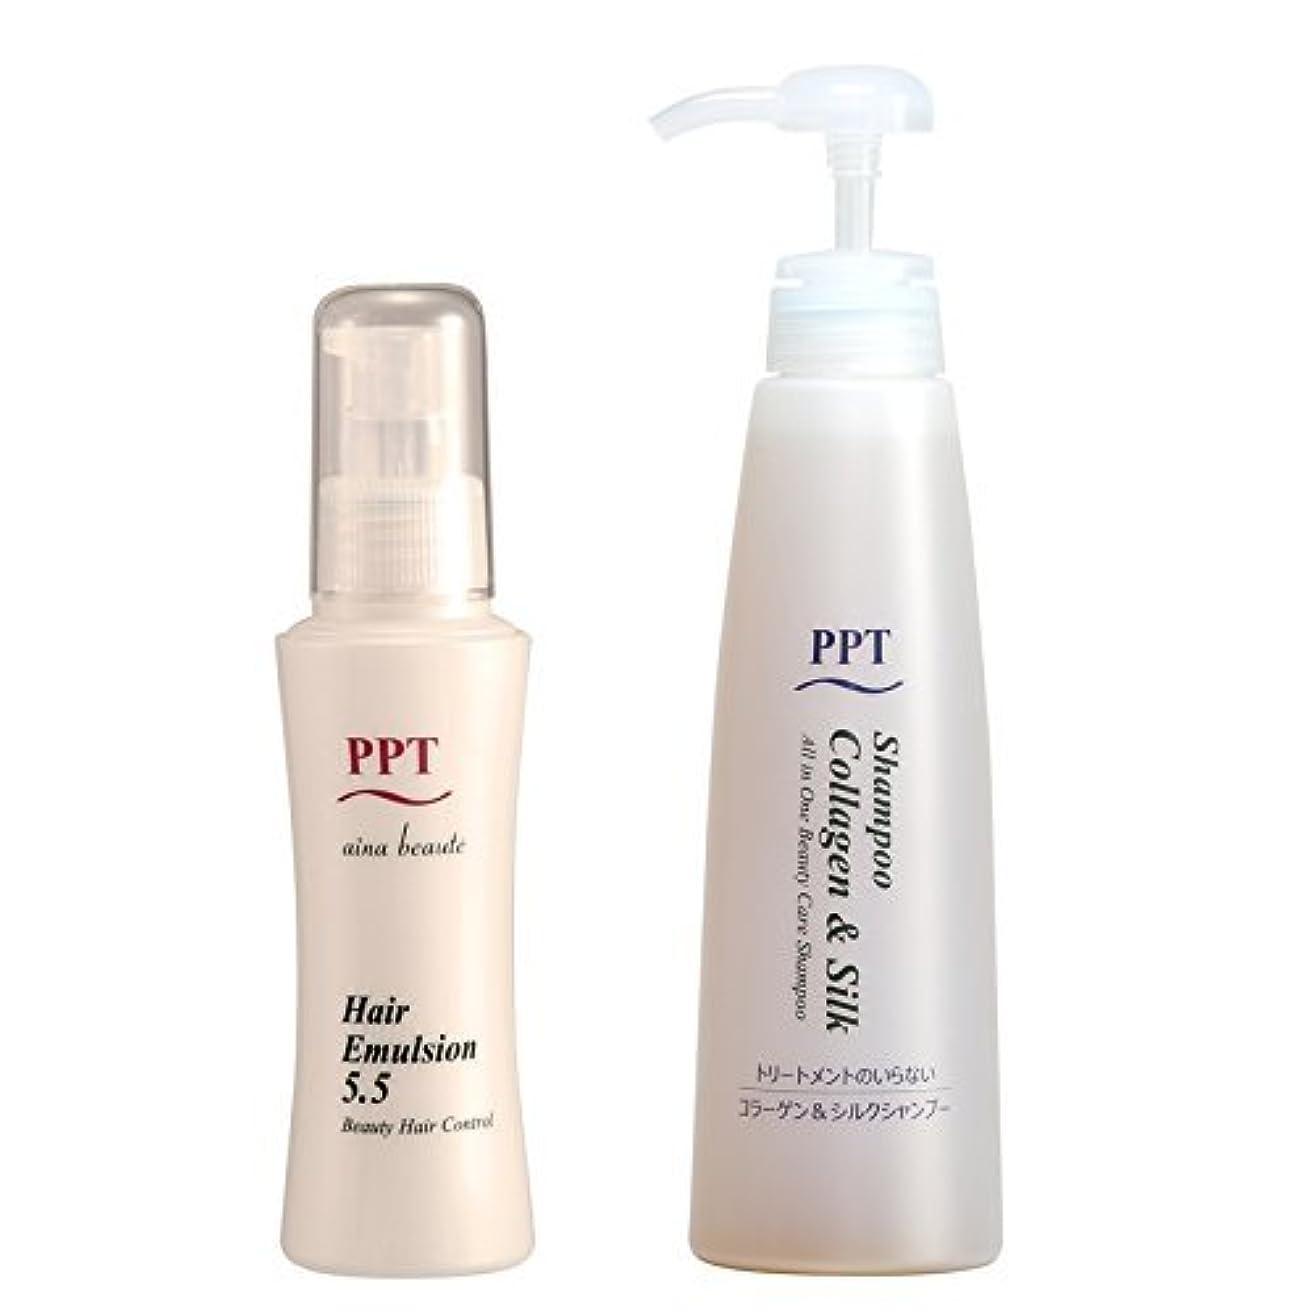 広がり印をつける印をつけるトリートメント不要 PPTコラーゲン&シルクシャンプー脂性肌~普通肌用(ふんわり)、PPTヘアエマルジョン5.5セット